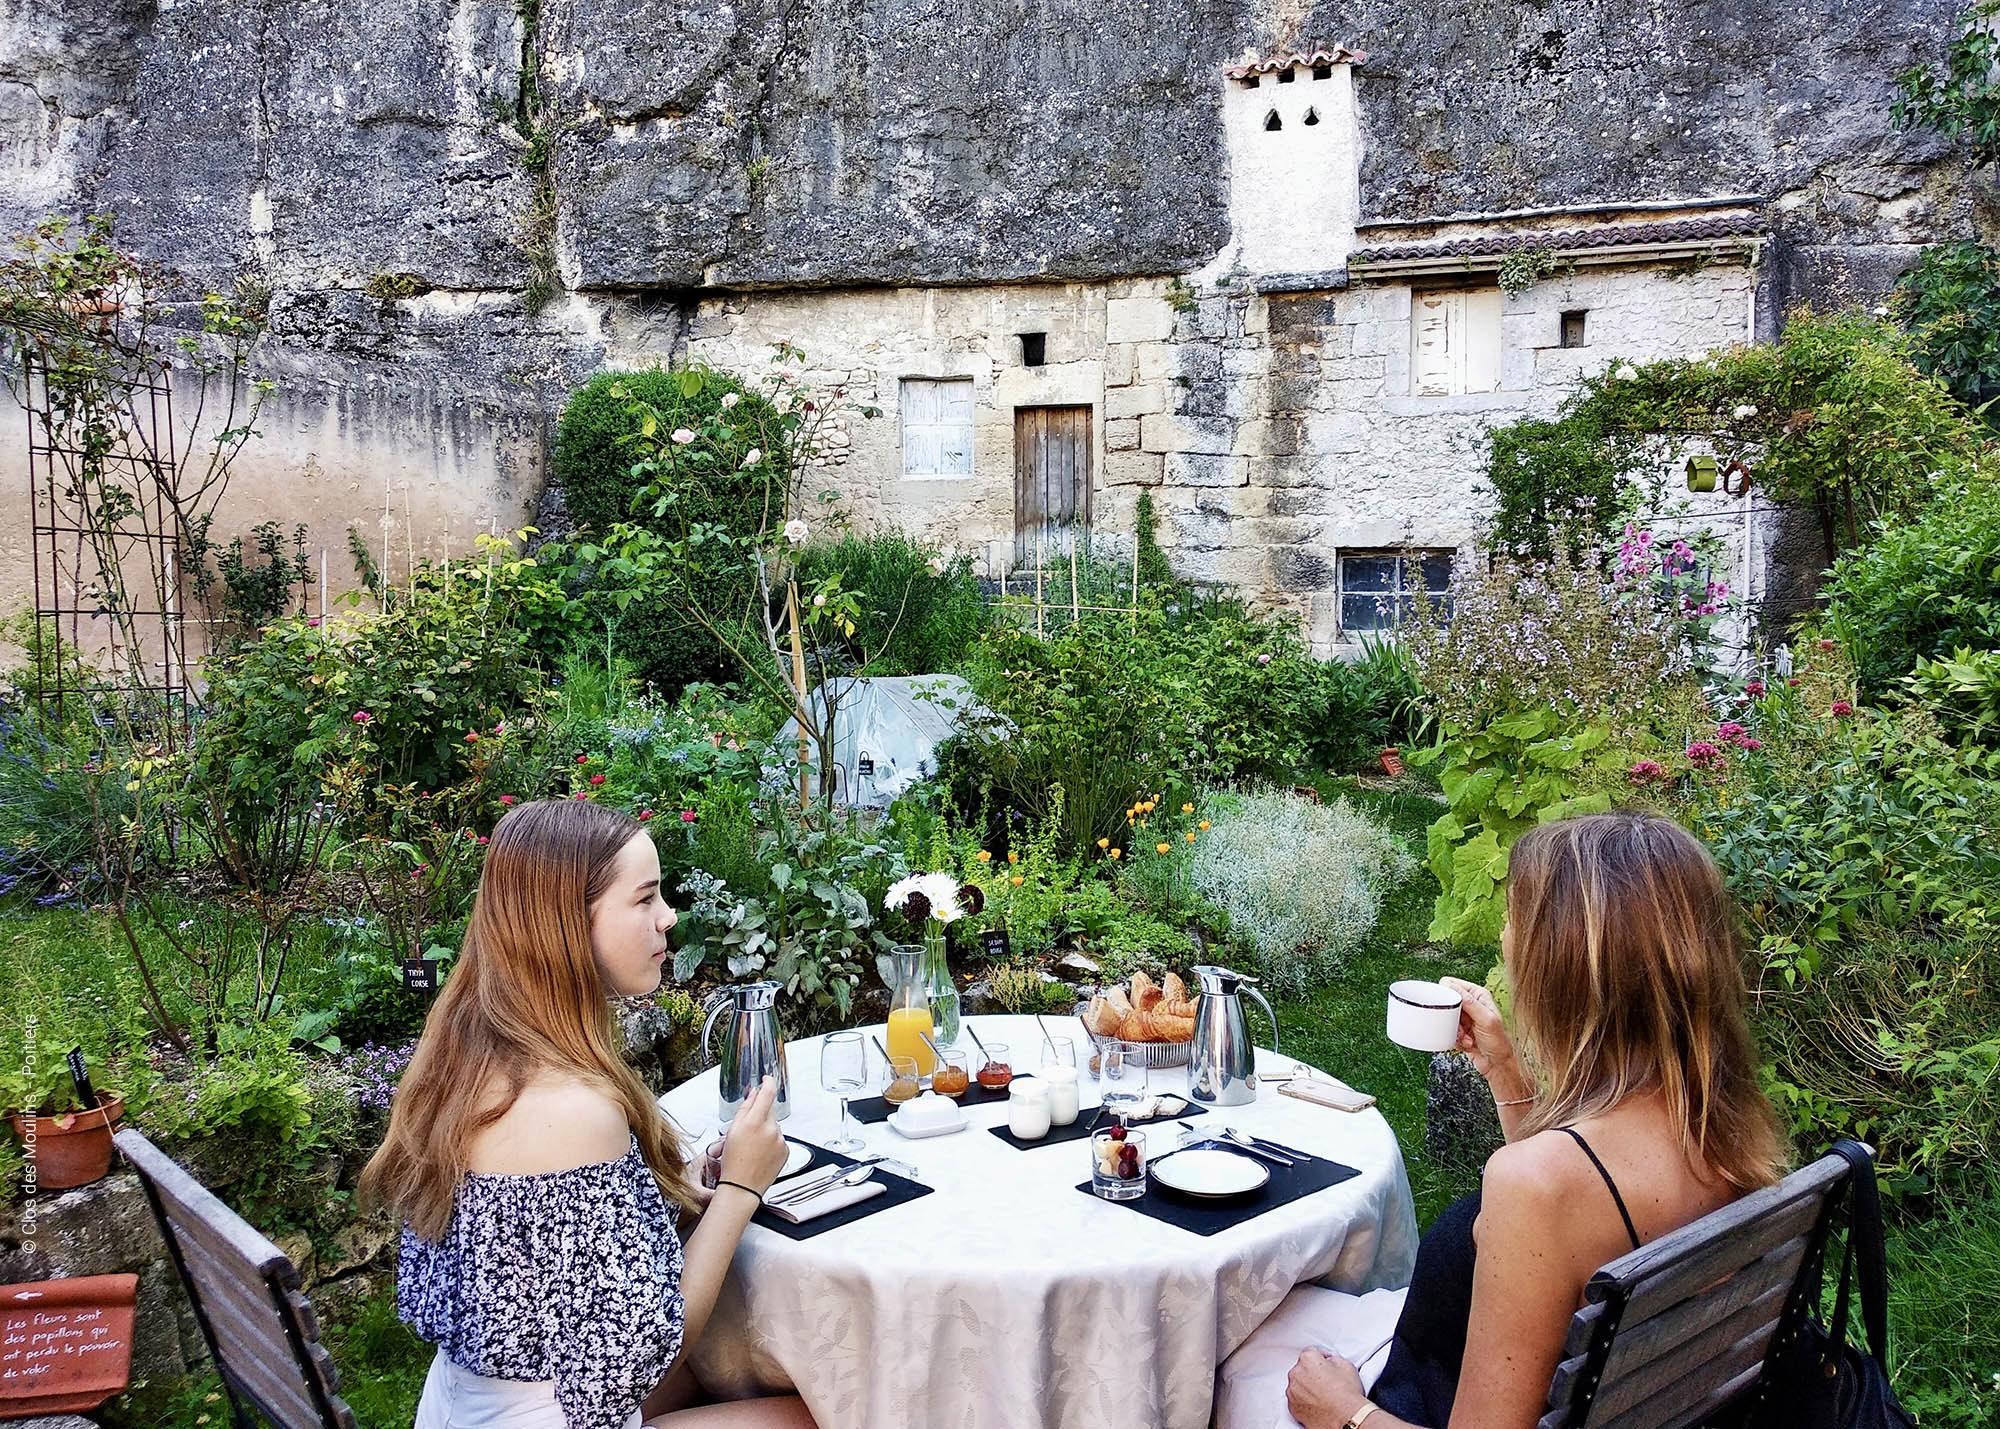 Mere fille en train de prendre un petit-déjeuner en terrasse au Clos des Moulins - Poitiers